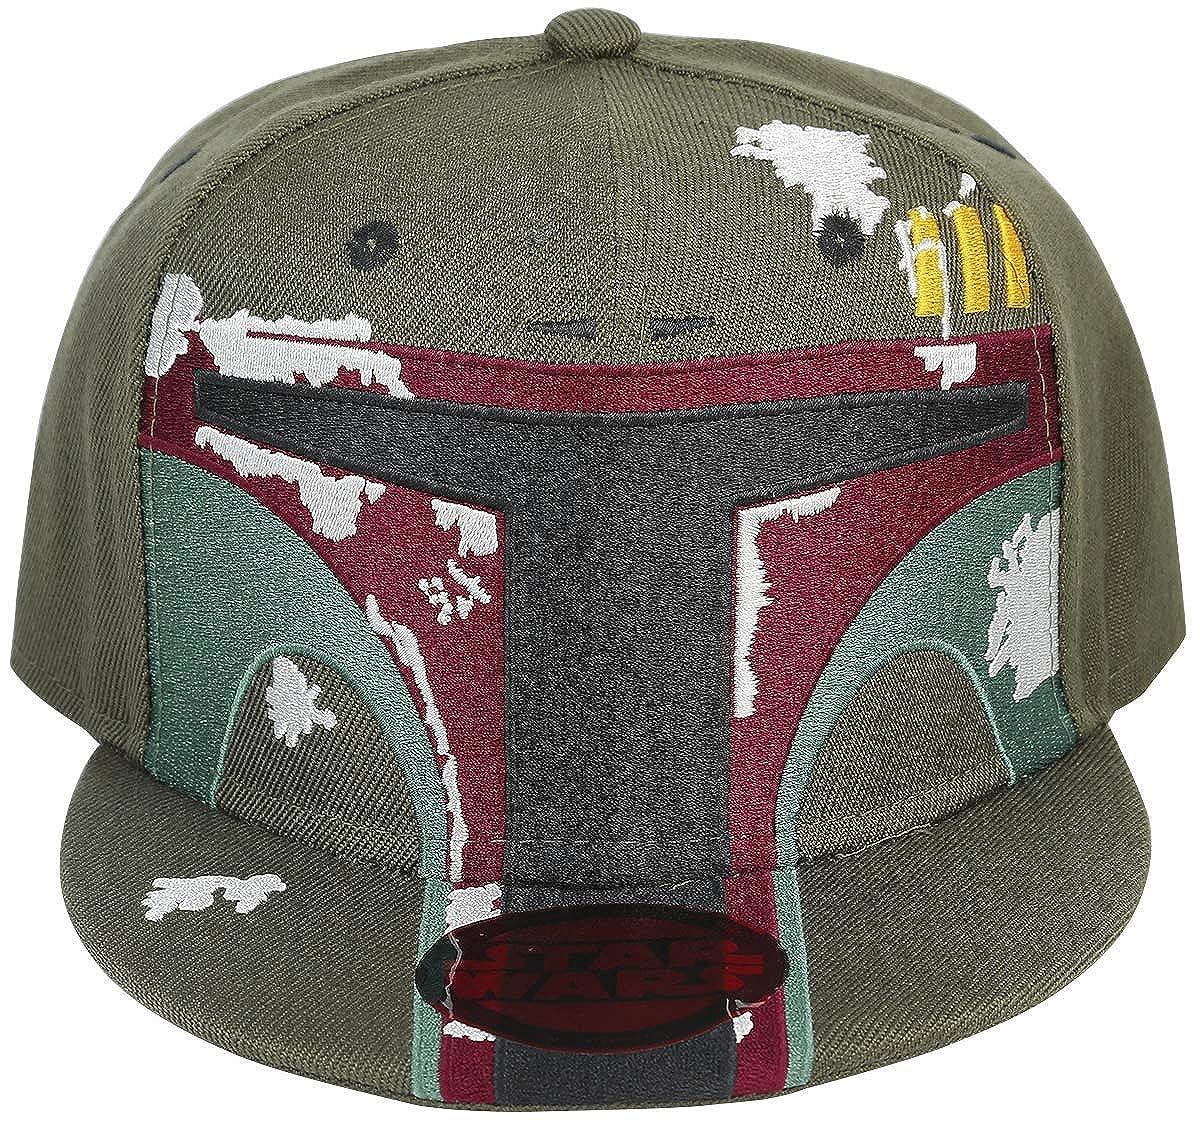 Star Wars Boba Fett Snapback-Cap gr/ün